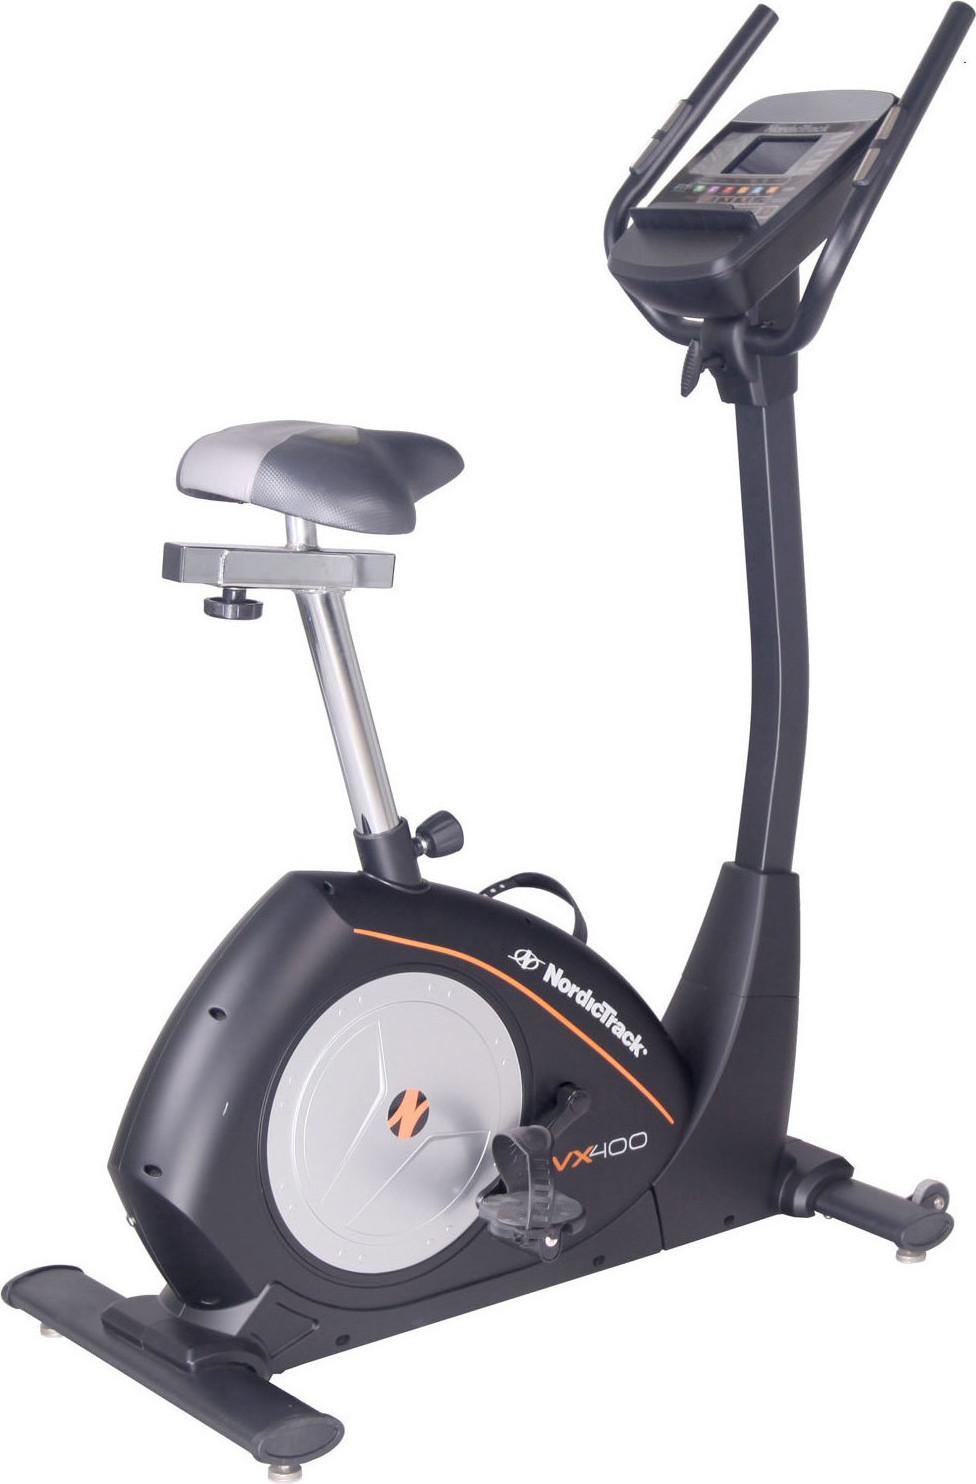 Велотренажер NordicTrack VX400 все цены